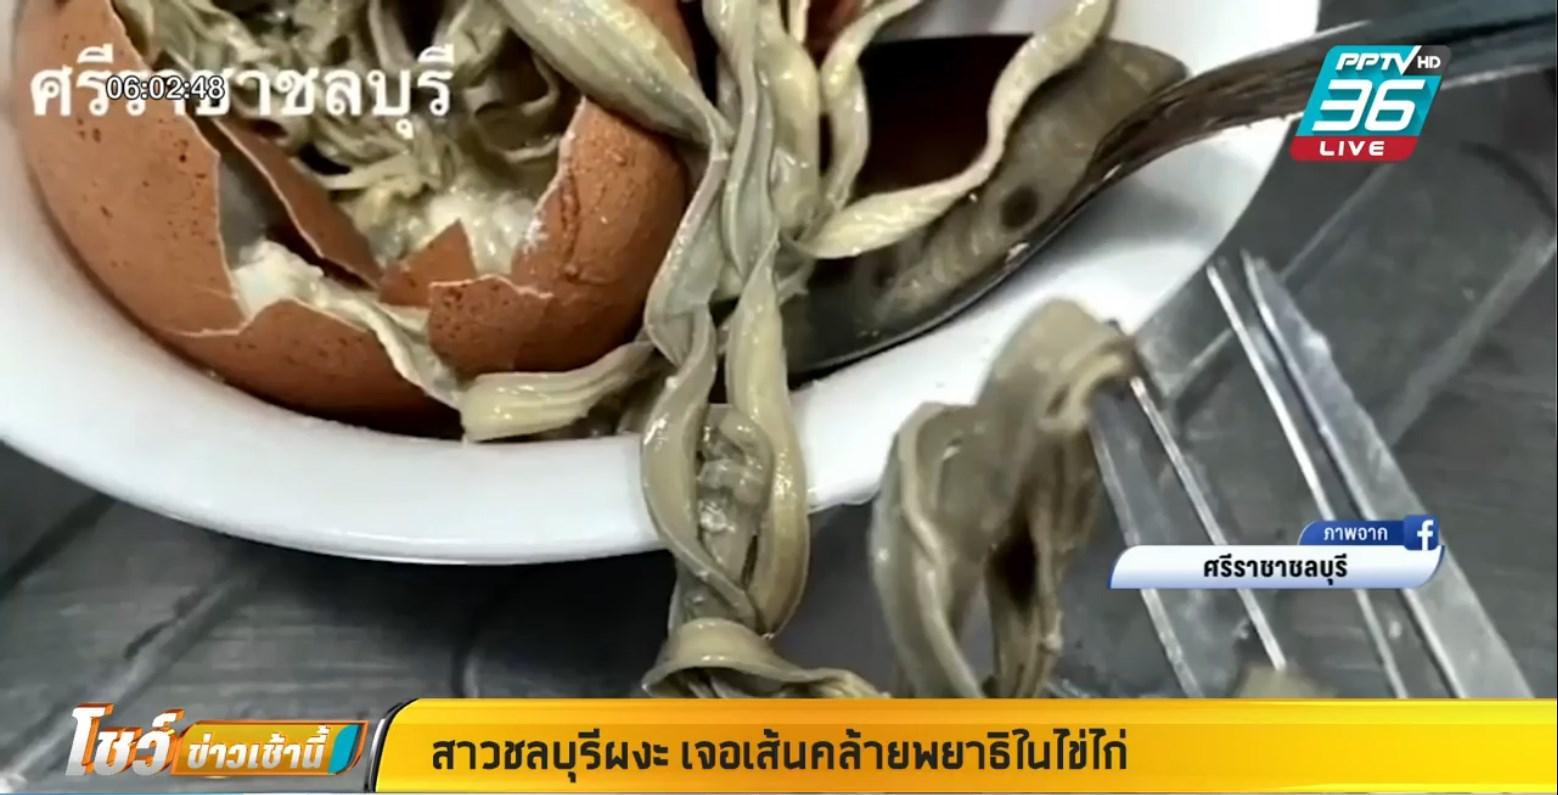 สยอง !! เจอเส้นคล้ายพยาธิ อยู่ในไข่ หลังซื้อจากห้างดัง